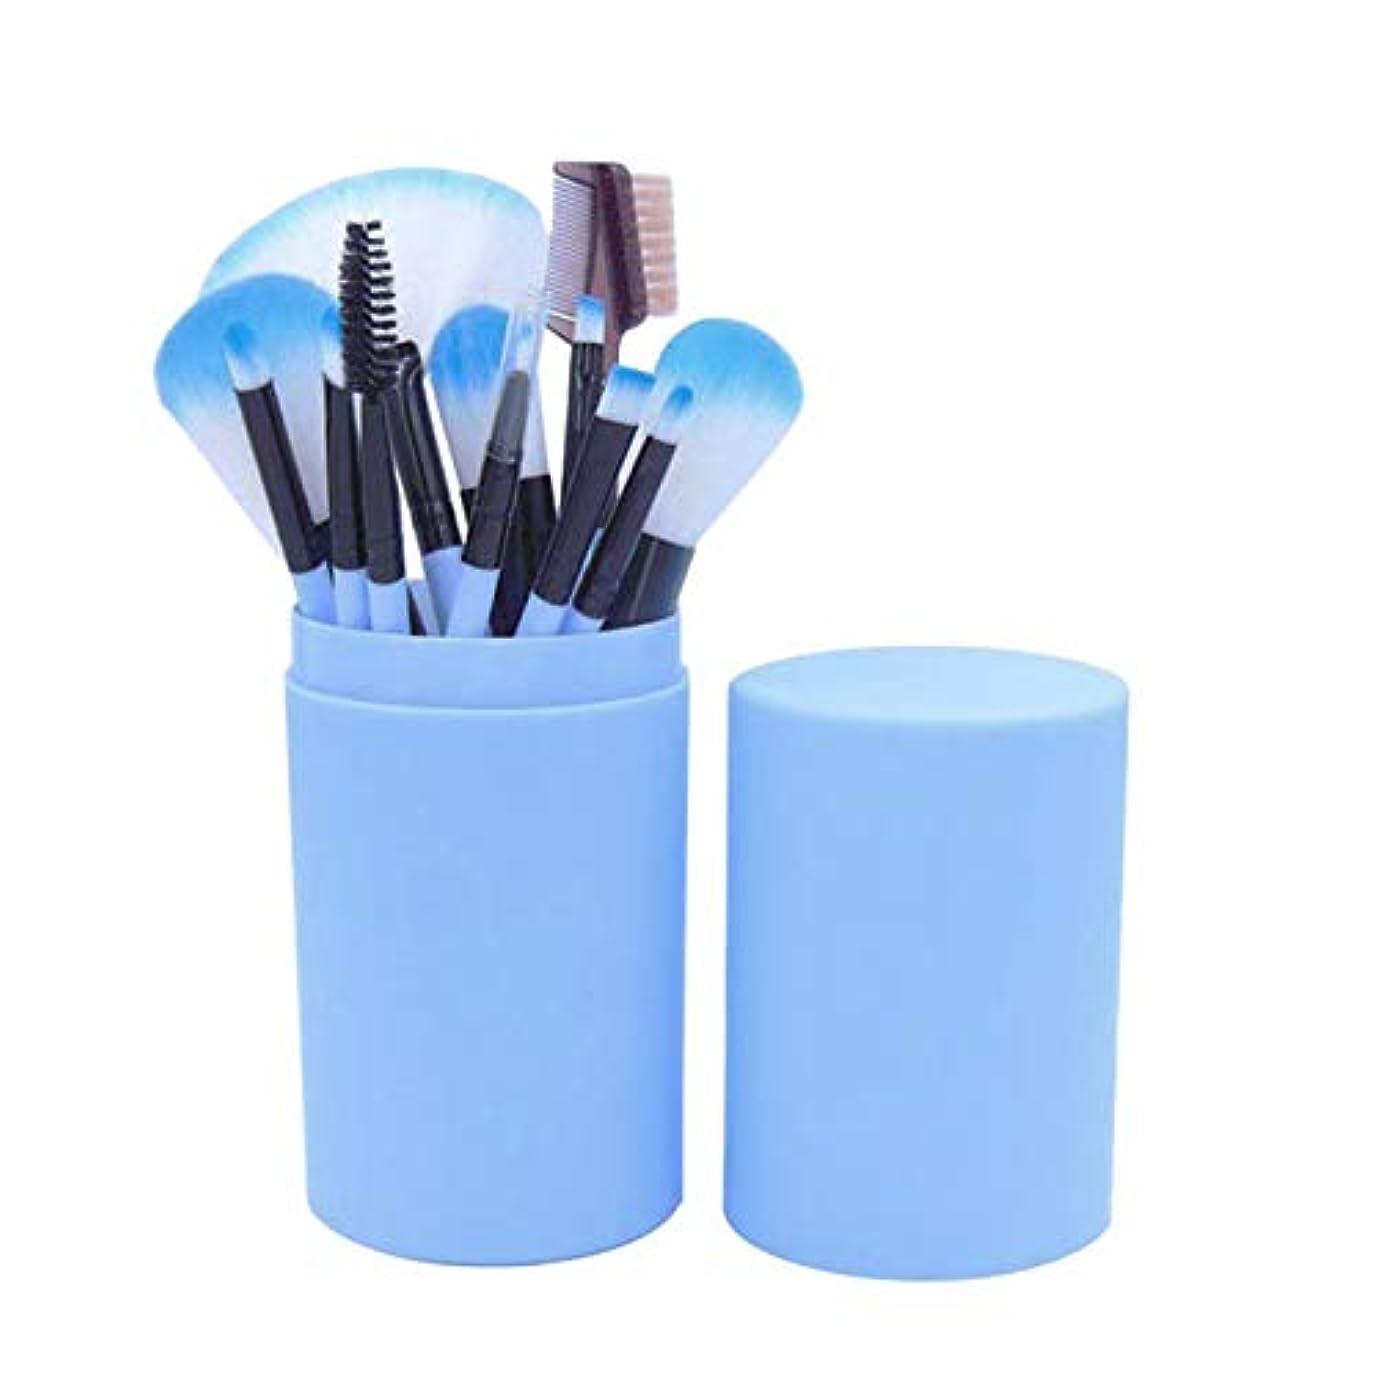 電気技師ネブ正しいSODIAL 12本の化粧ブラシのセット、化粧品、フェイスブラシのキット、ポータブルのバレル付き、初心者向けアイシャドウのブラシ、美容化粧ツール(湖の青色)